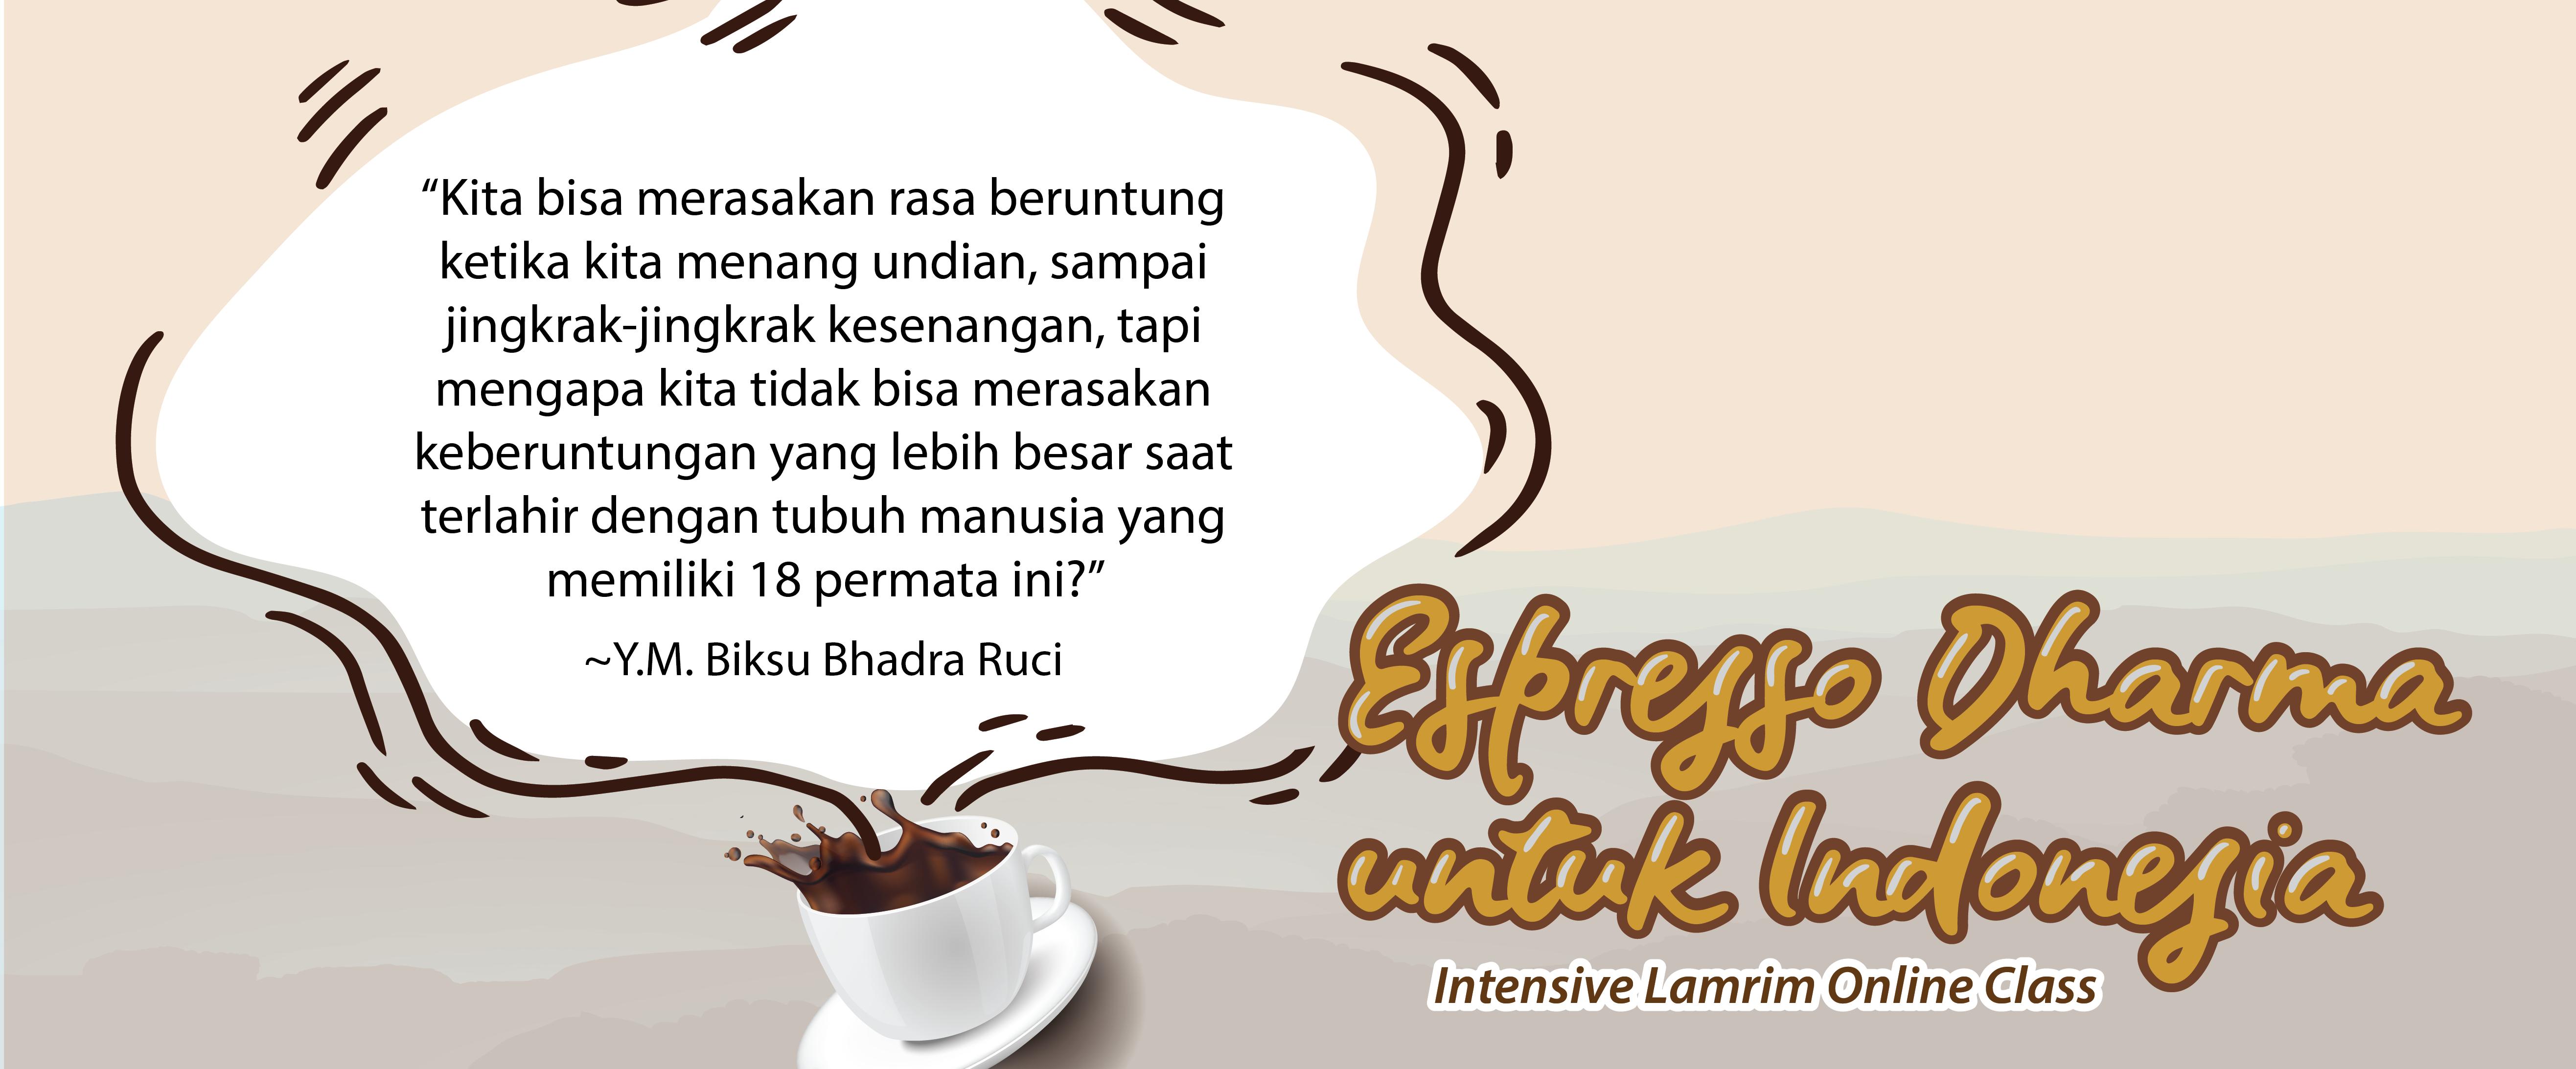 Espresso Dharma - Hidup Sangat Singkat, Bergegaslah!